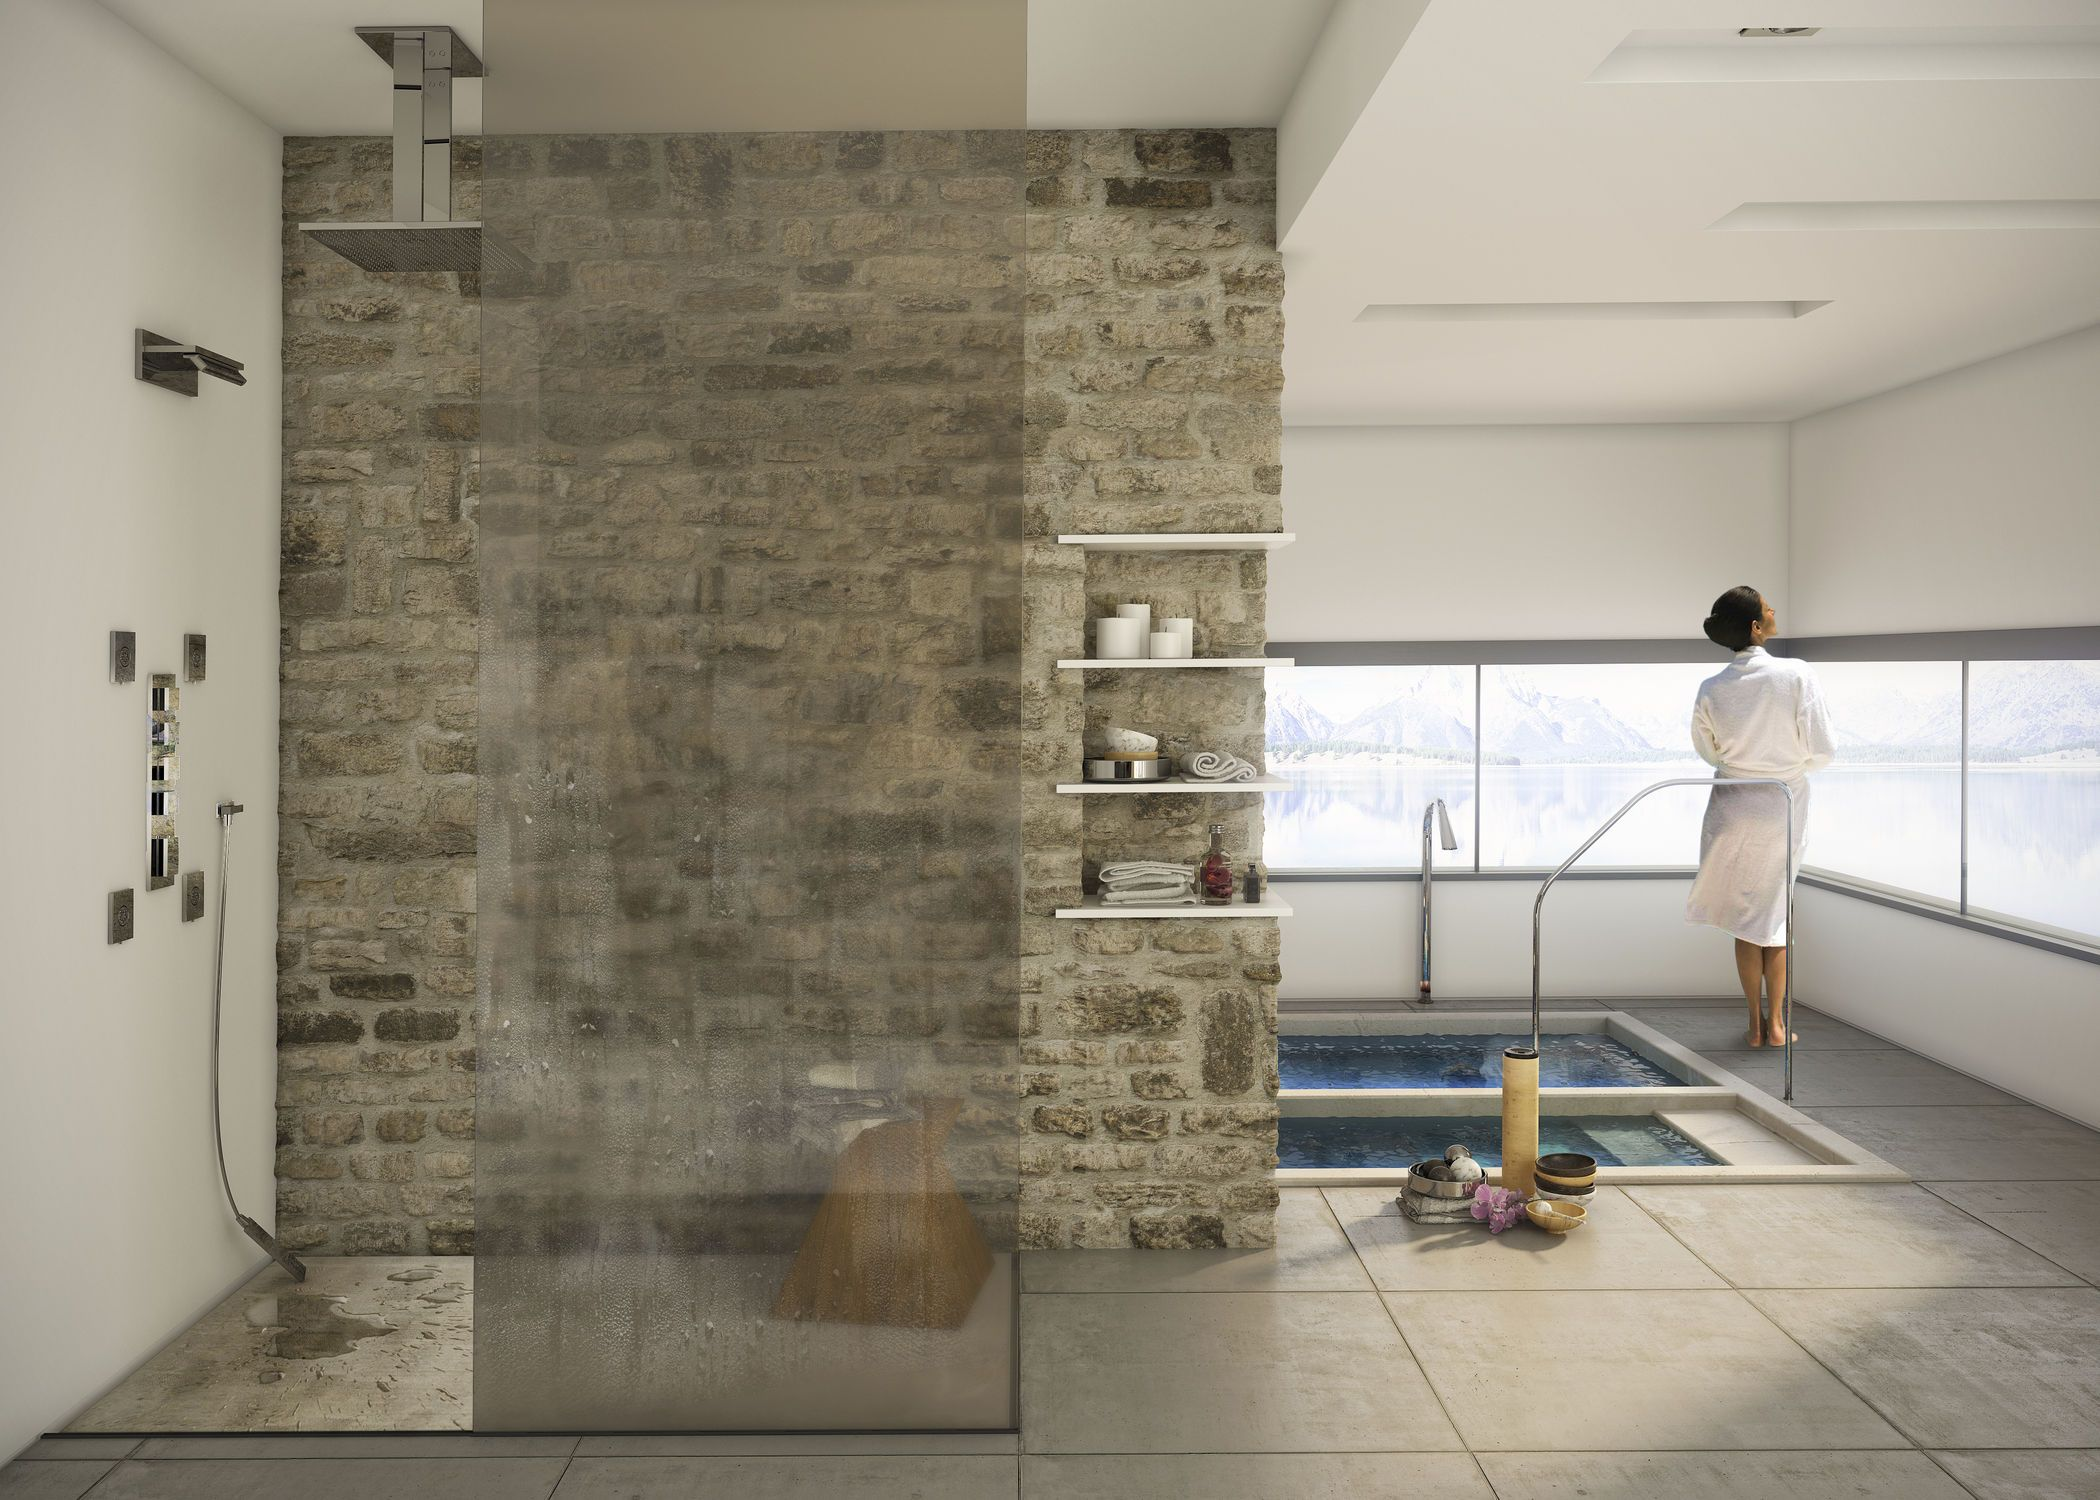 Risultati immagini per cabina doccia doppia soffione soffitto doccia a cascata pinterest - Soffione doccia soffitto ...